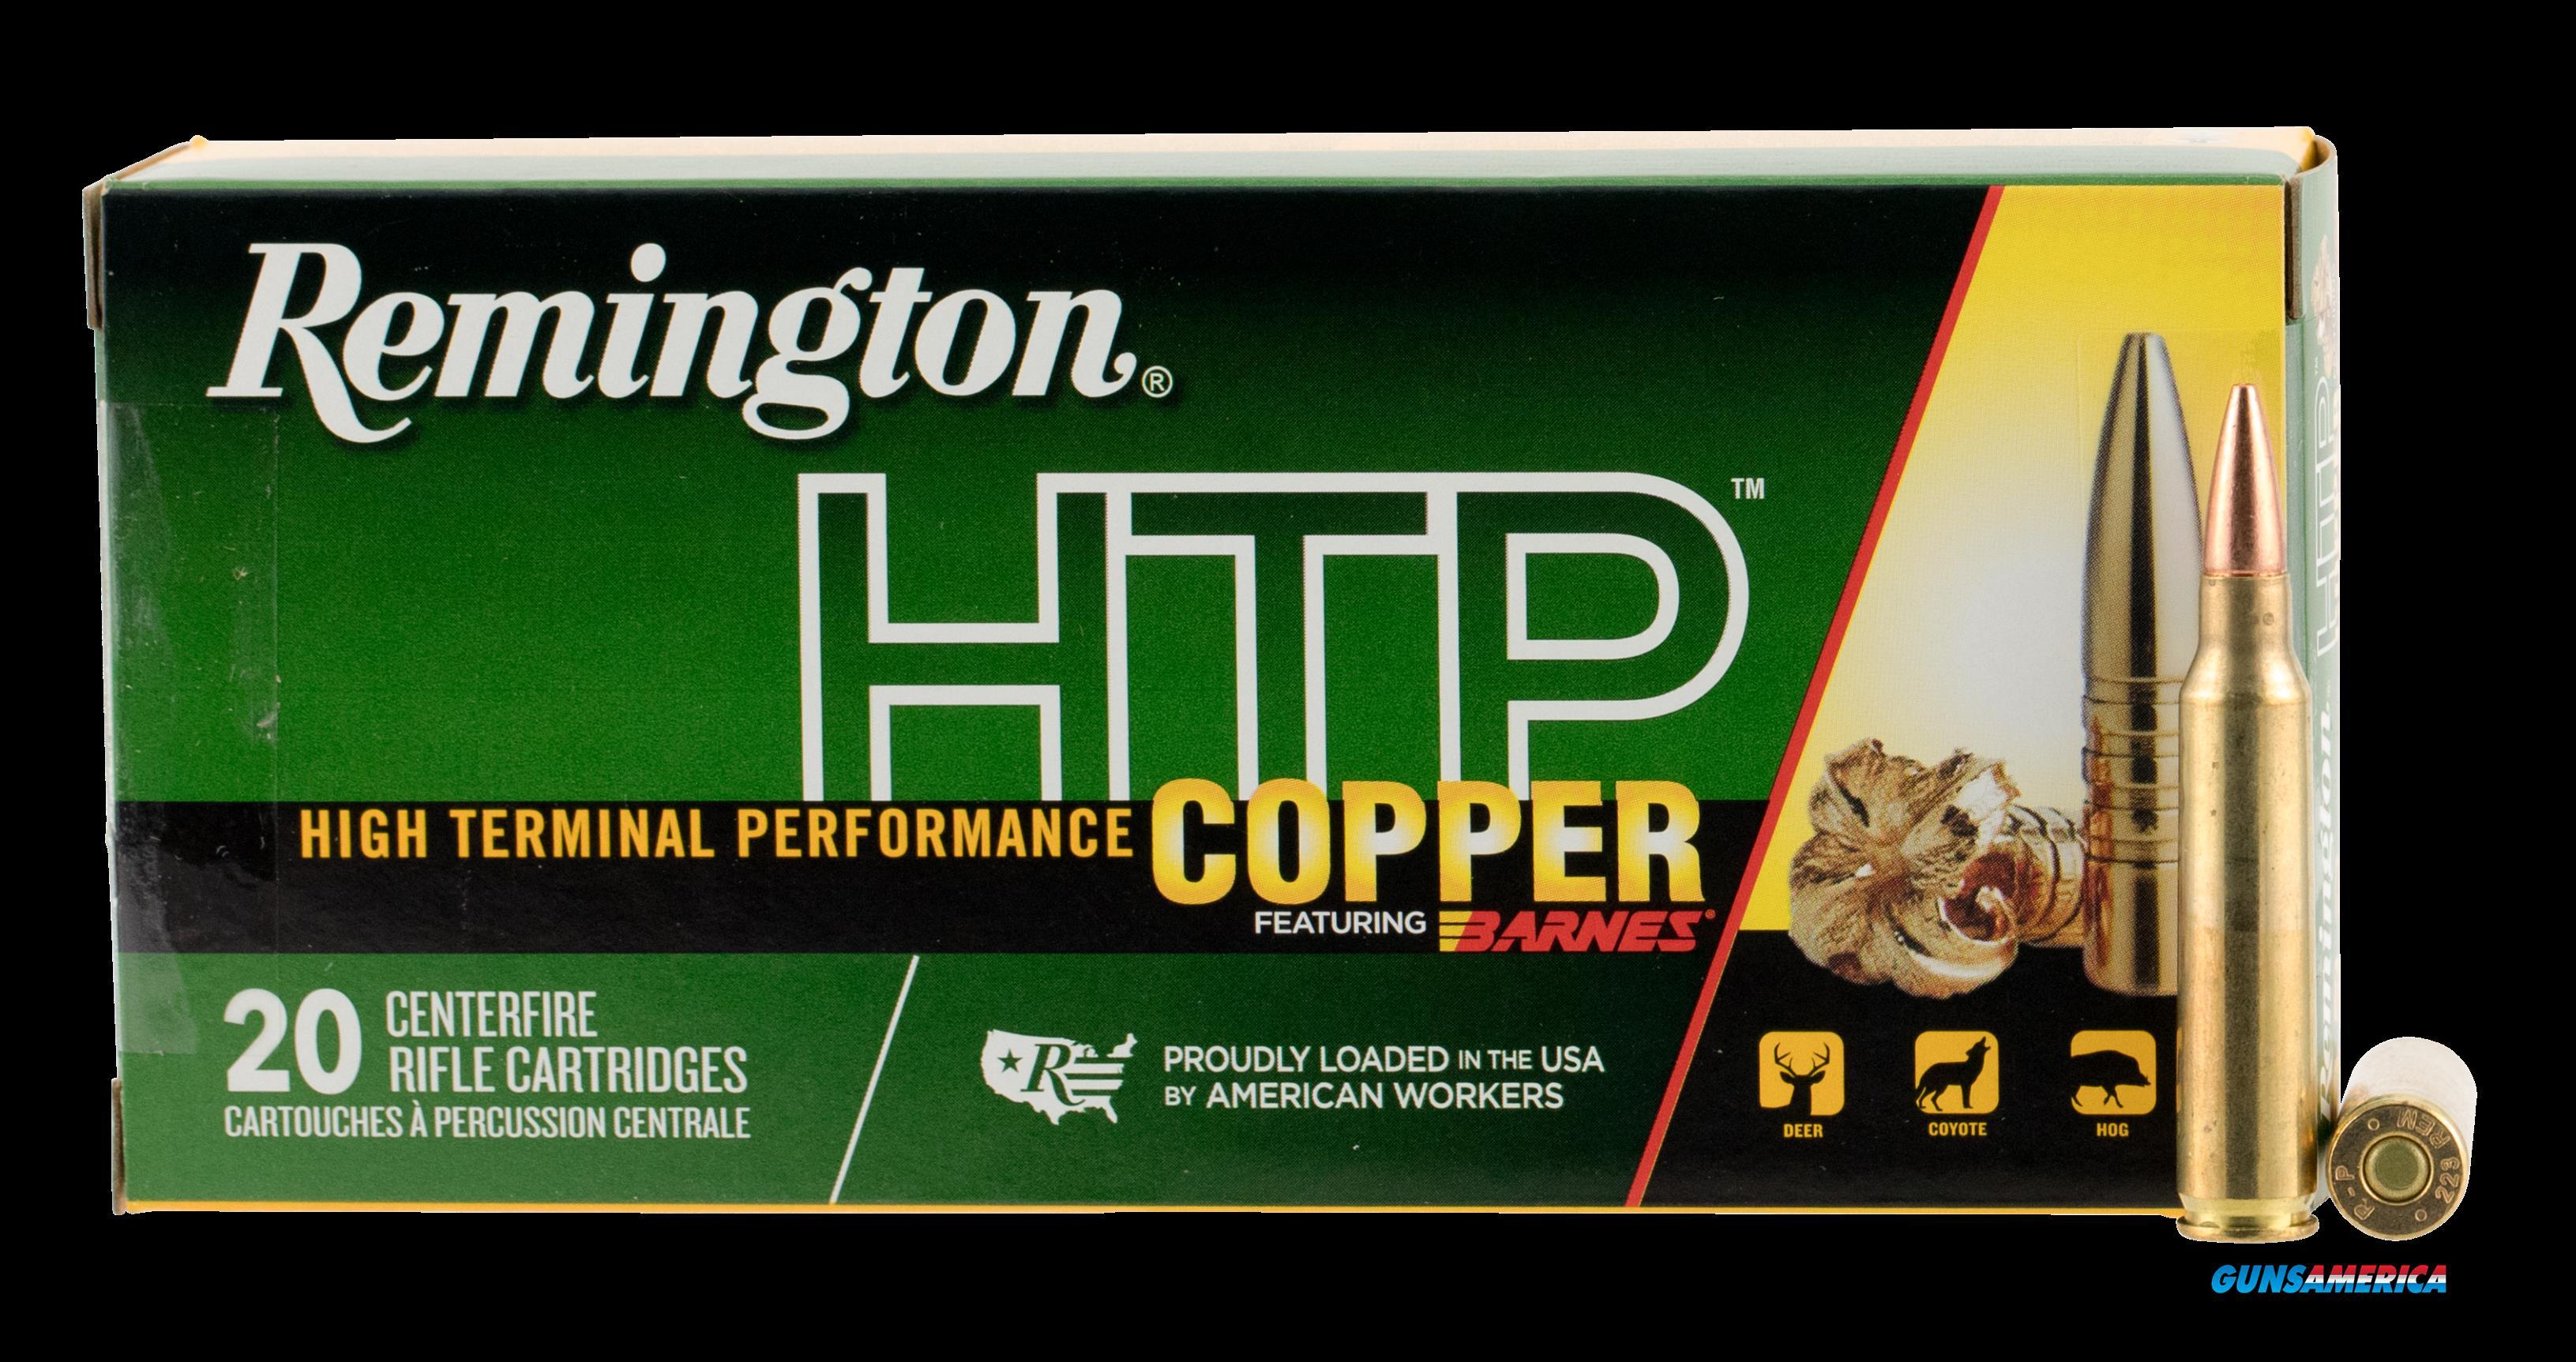 Remington Ammunition Htp Copper, Rem 27699 Htp223r   Htp Copper  62 Tsx Bt 20-10  Guns > Pistols > 1911 Pistol Copies (non-Colt)